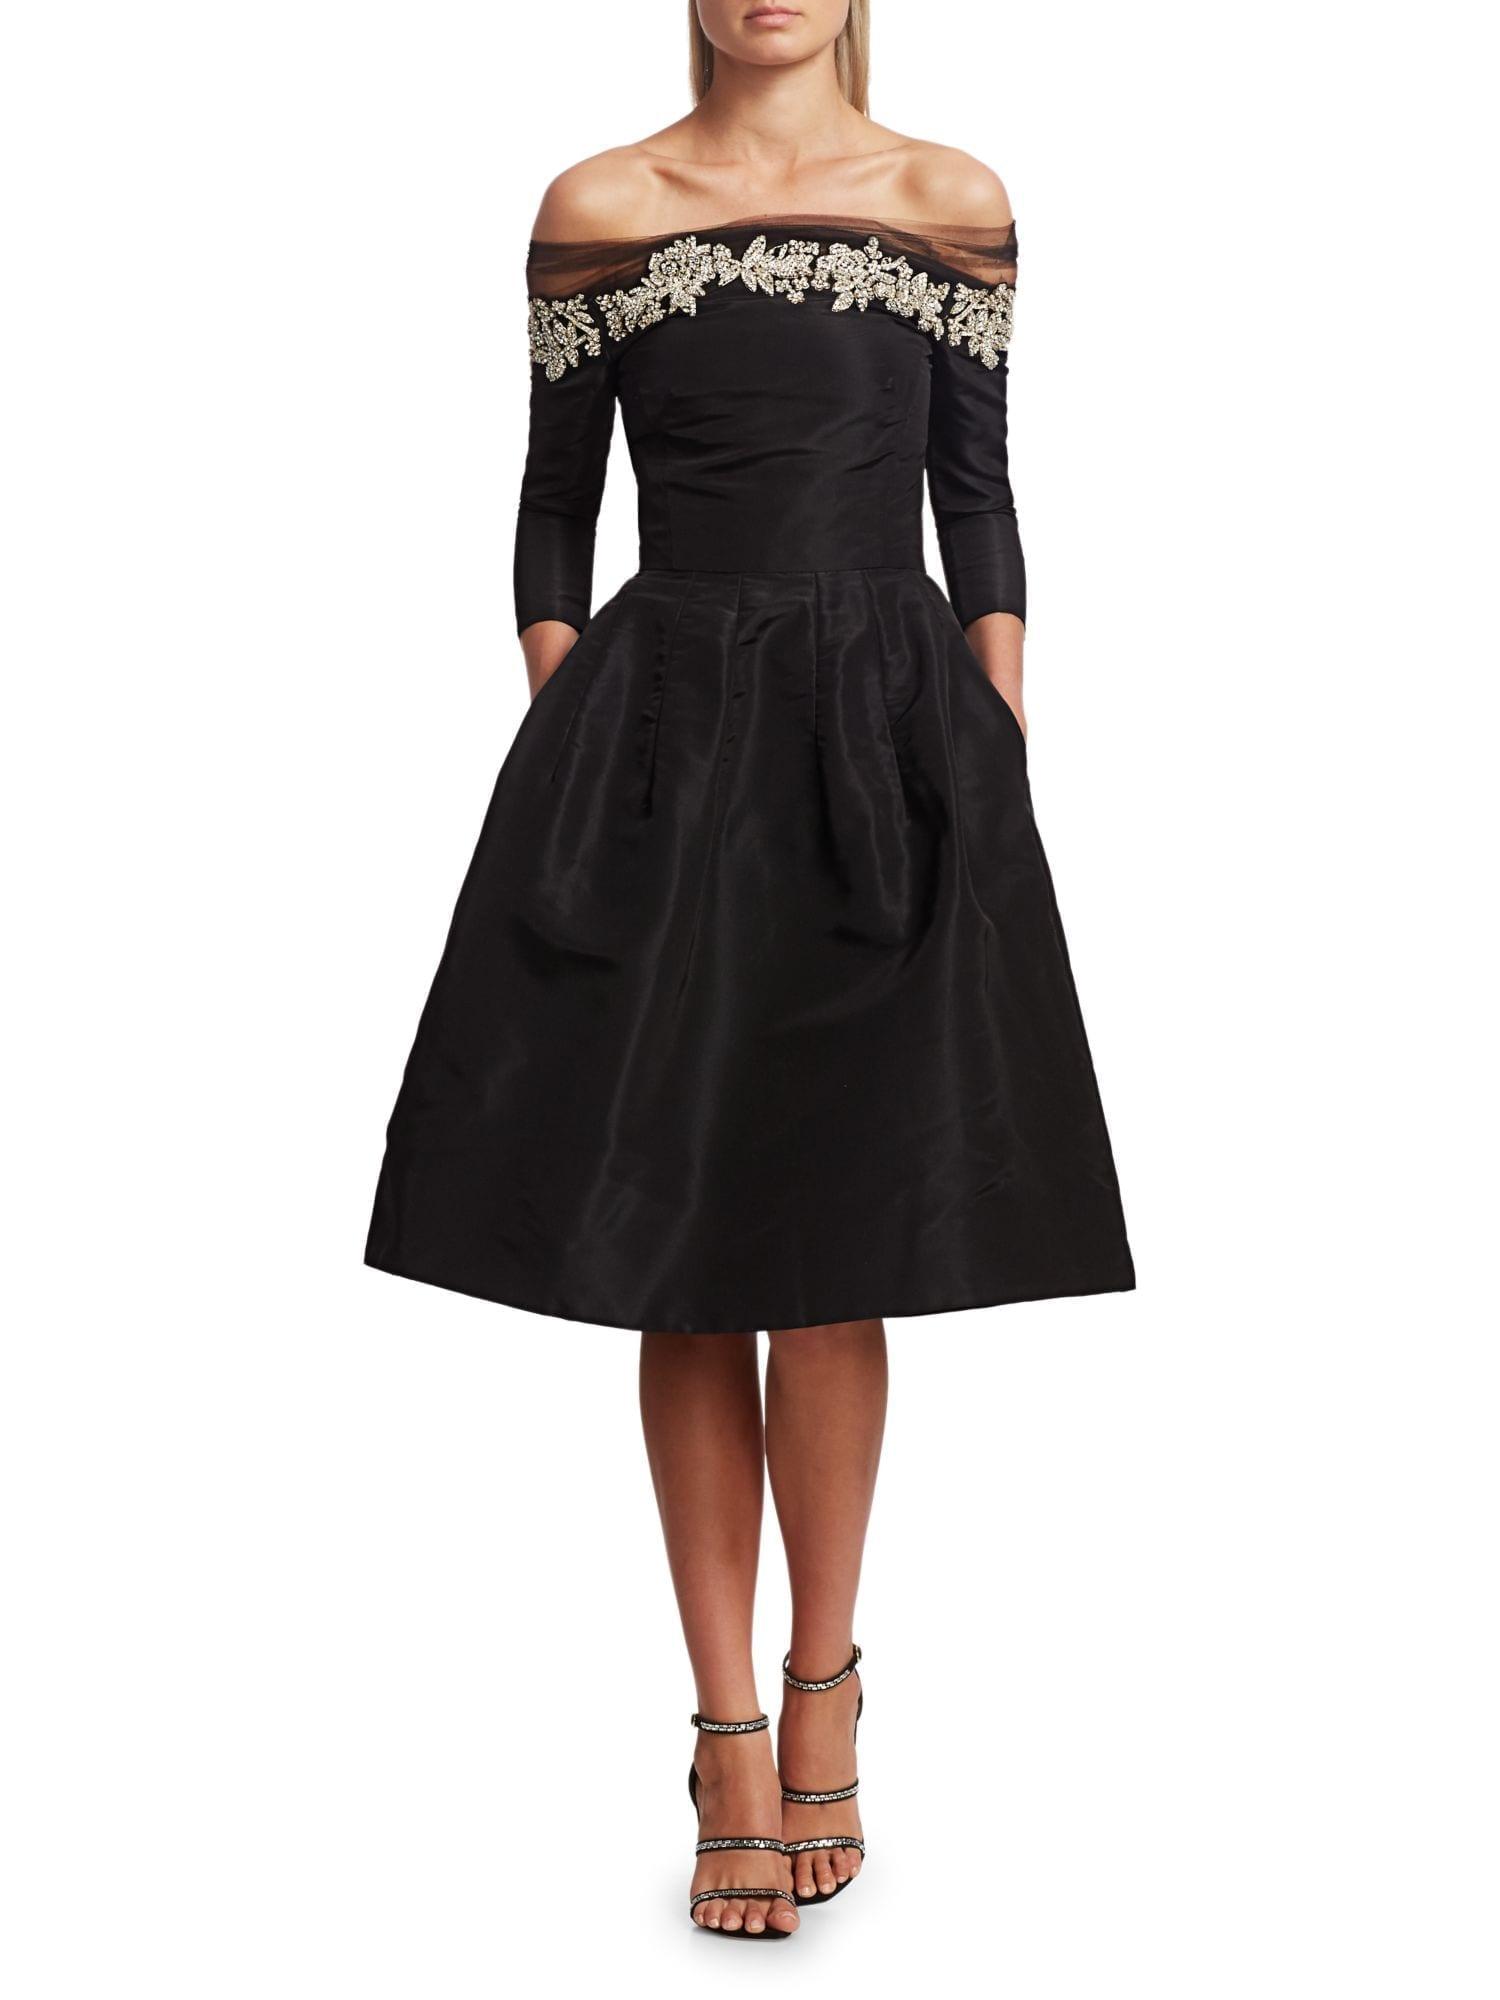 OSCAR DE LA RENTA Off-The-Shoulder Crystal Embellished Cocktail Dress